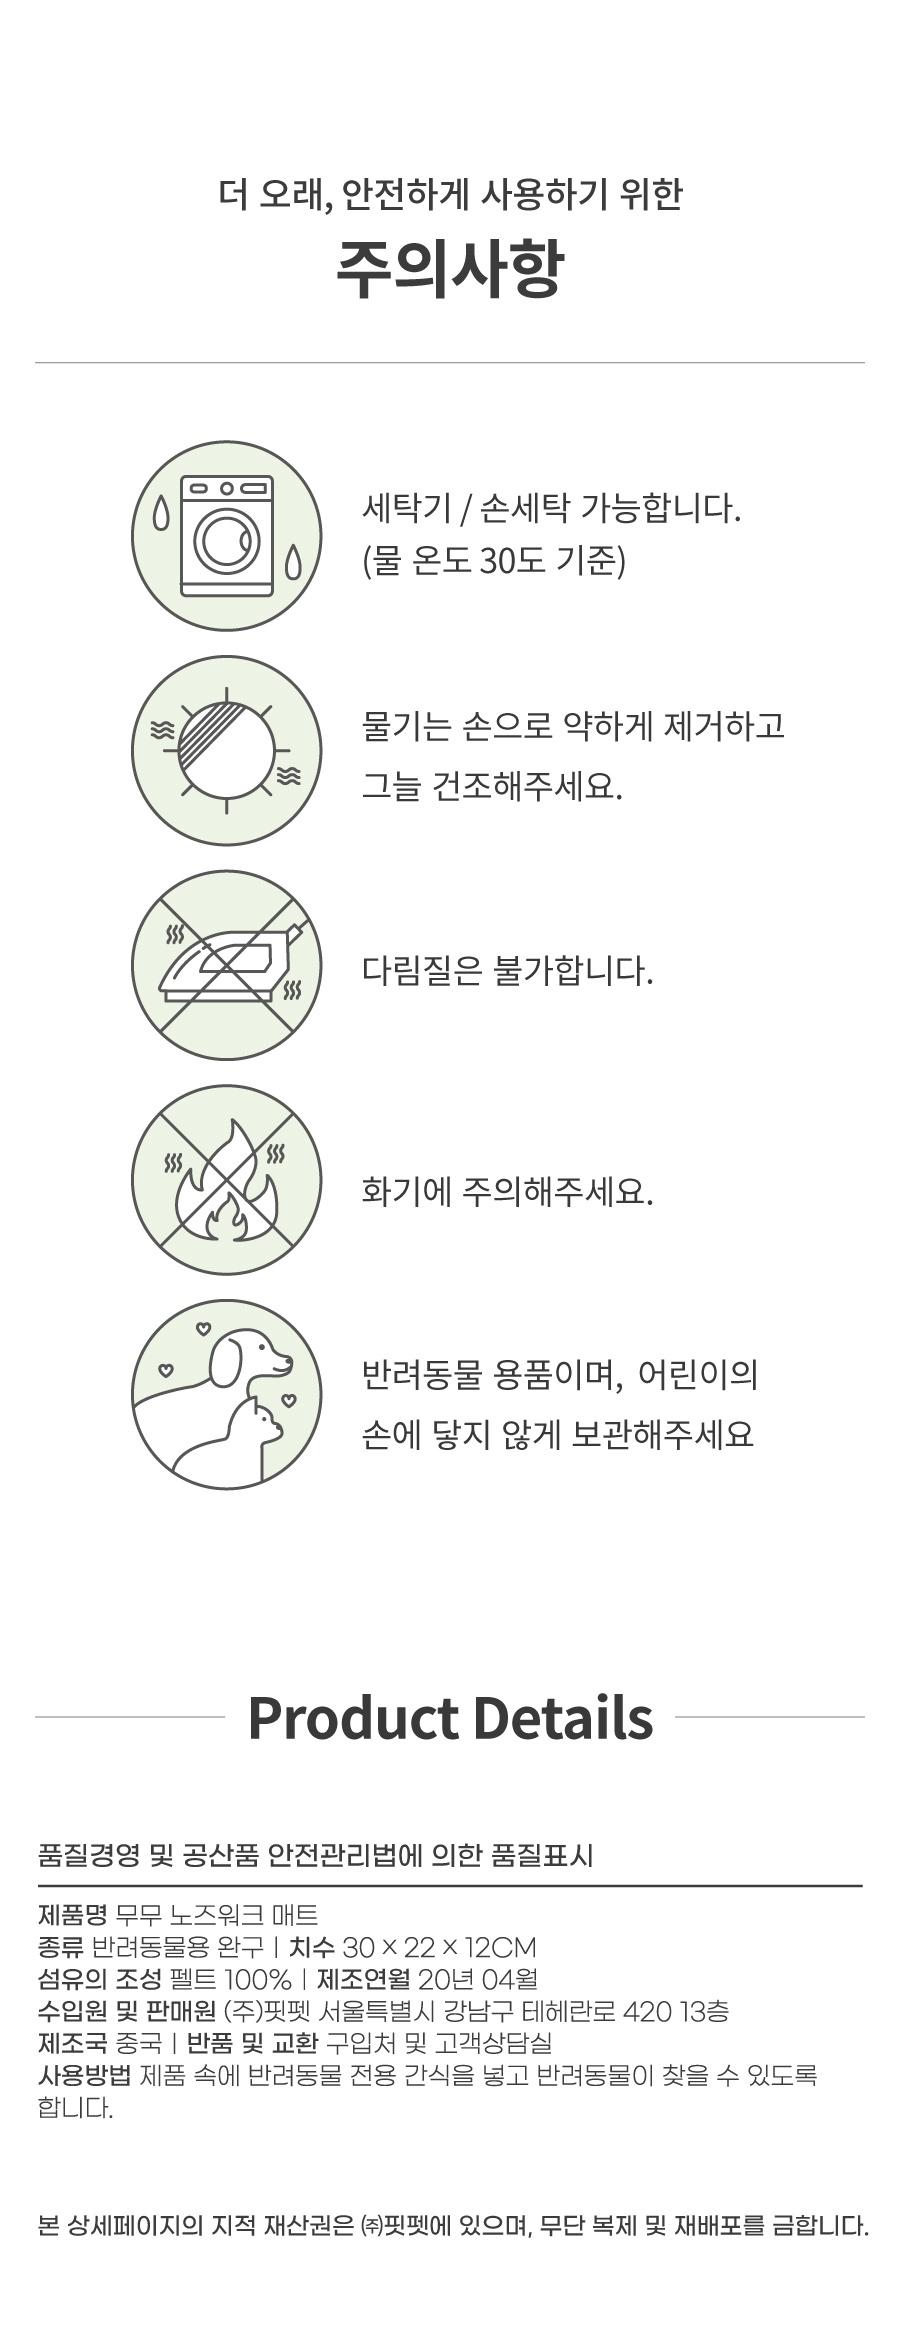 무무 장난감 모음 강아지 장난감 노즈워크 매트 강아지 놀이-상품이미지-18